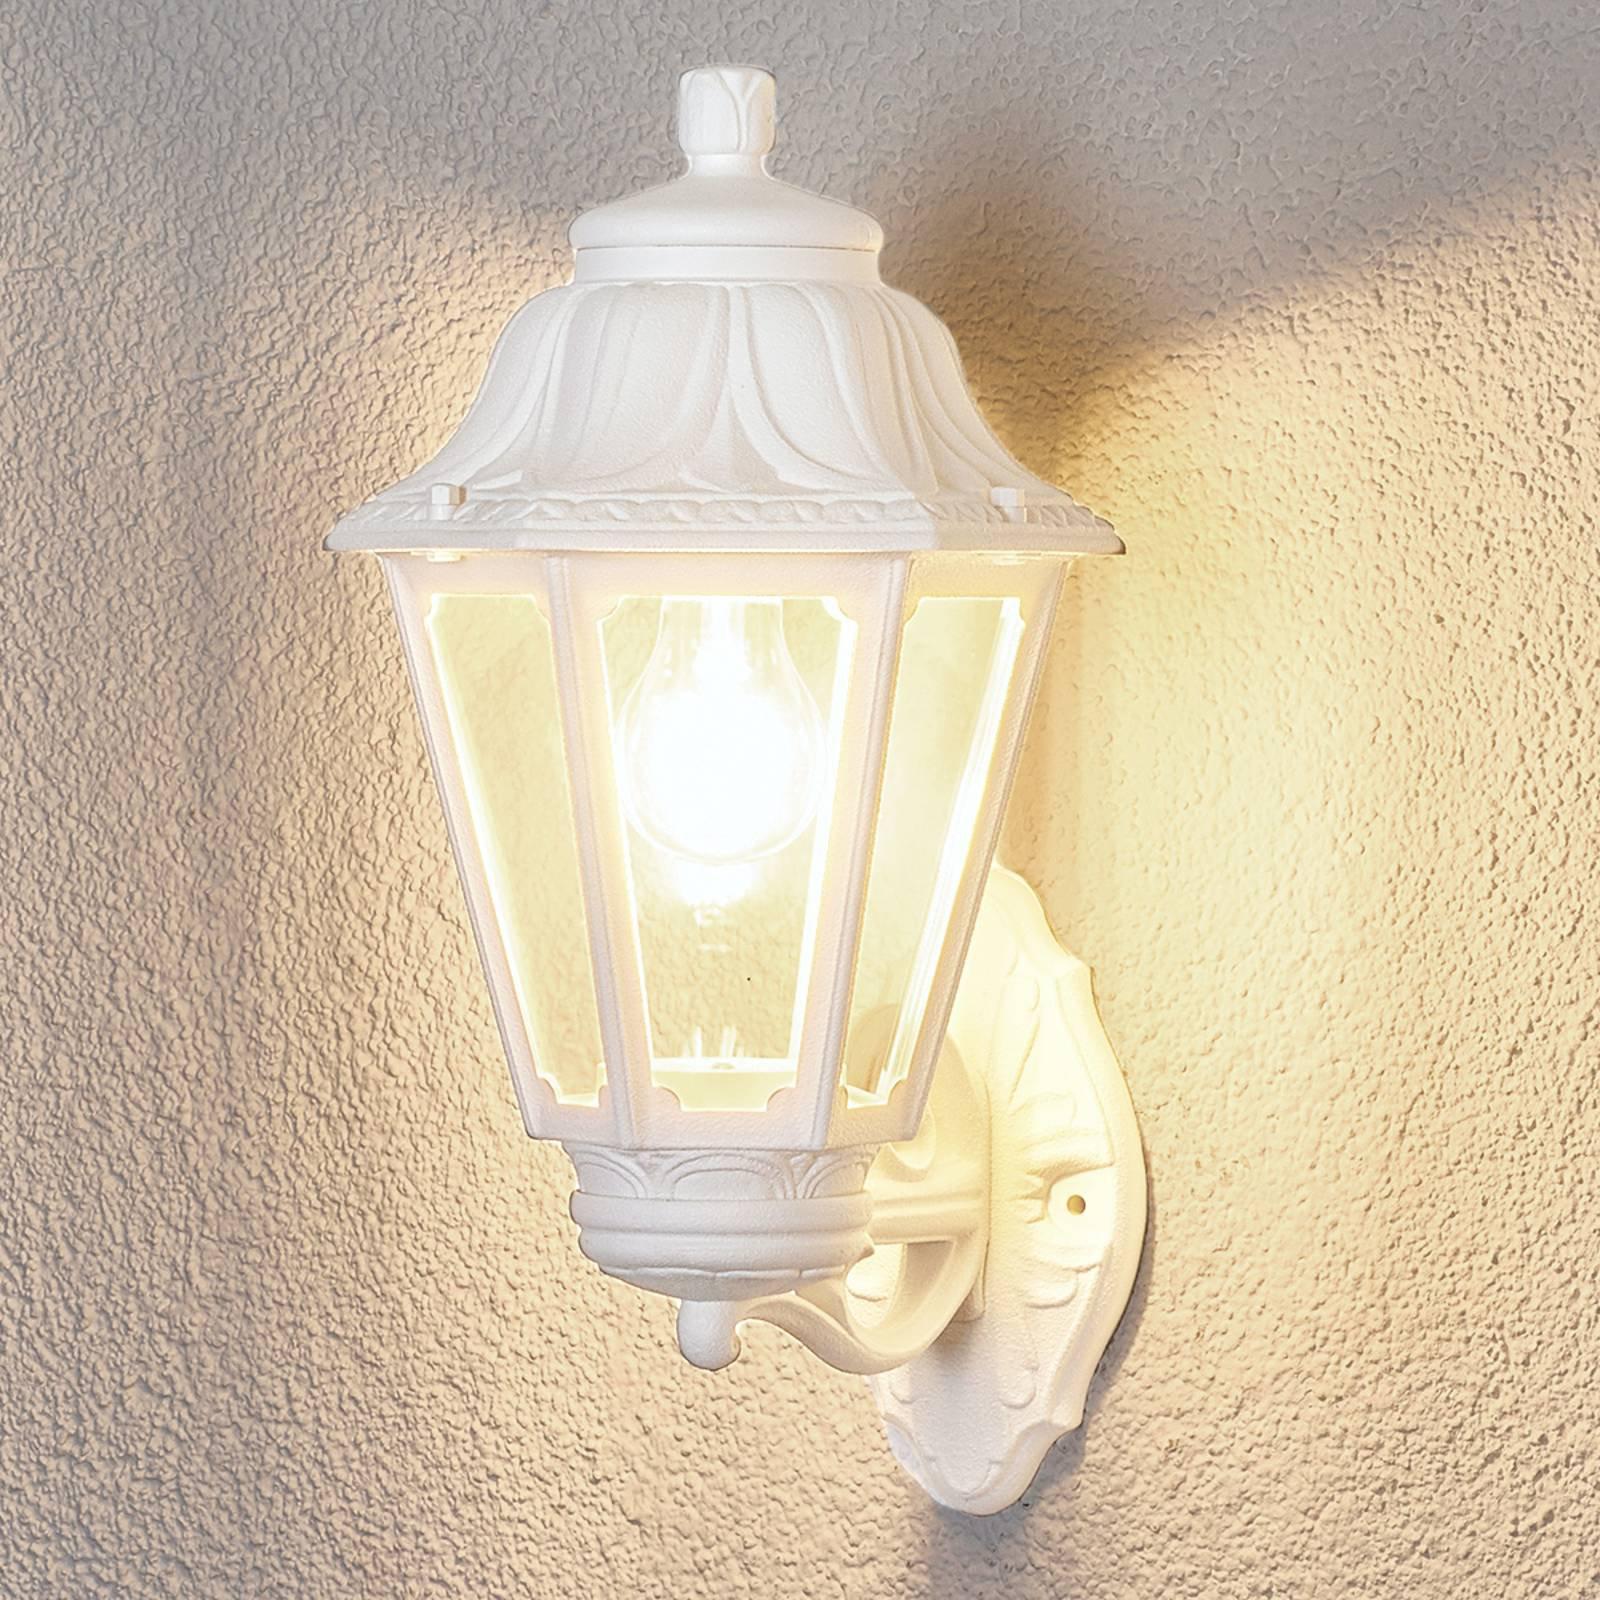 LED-vegglampe Bisso Anna E27 hvit oppover